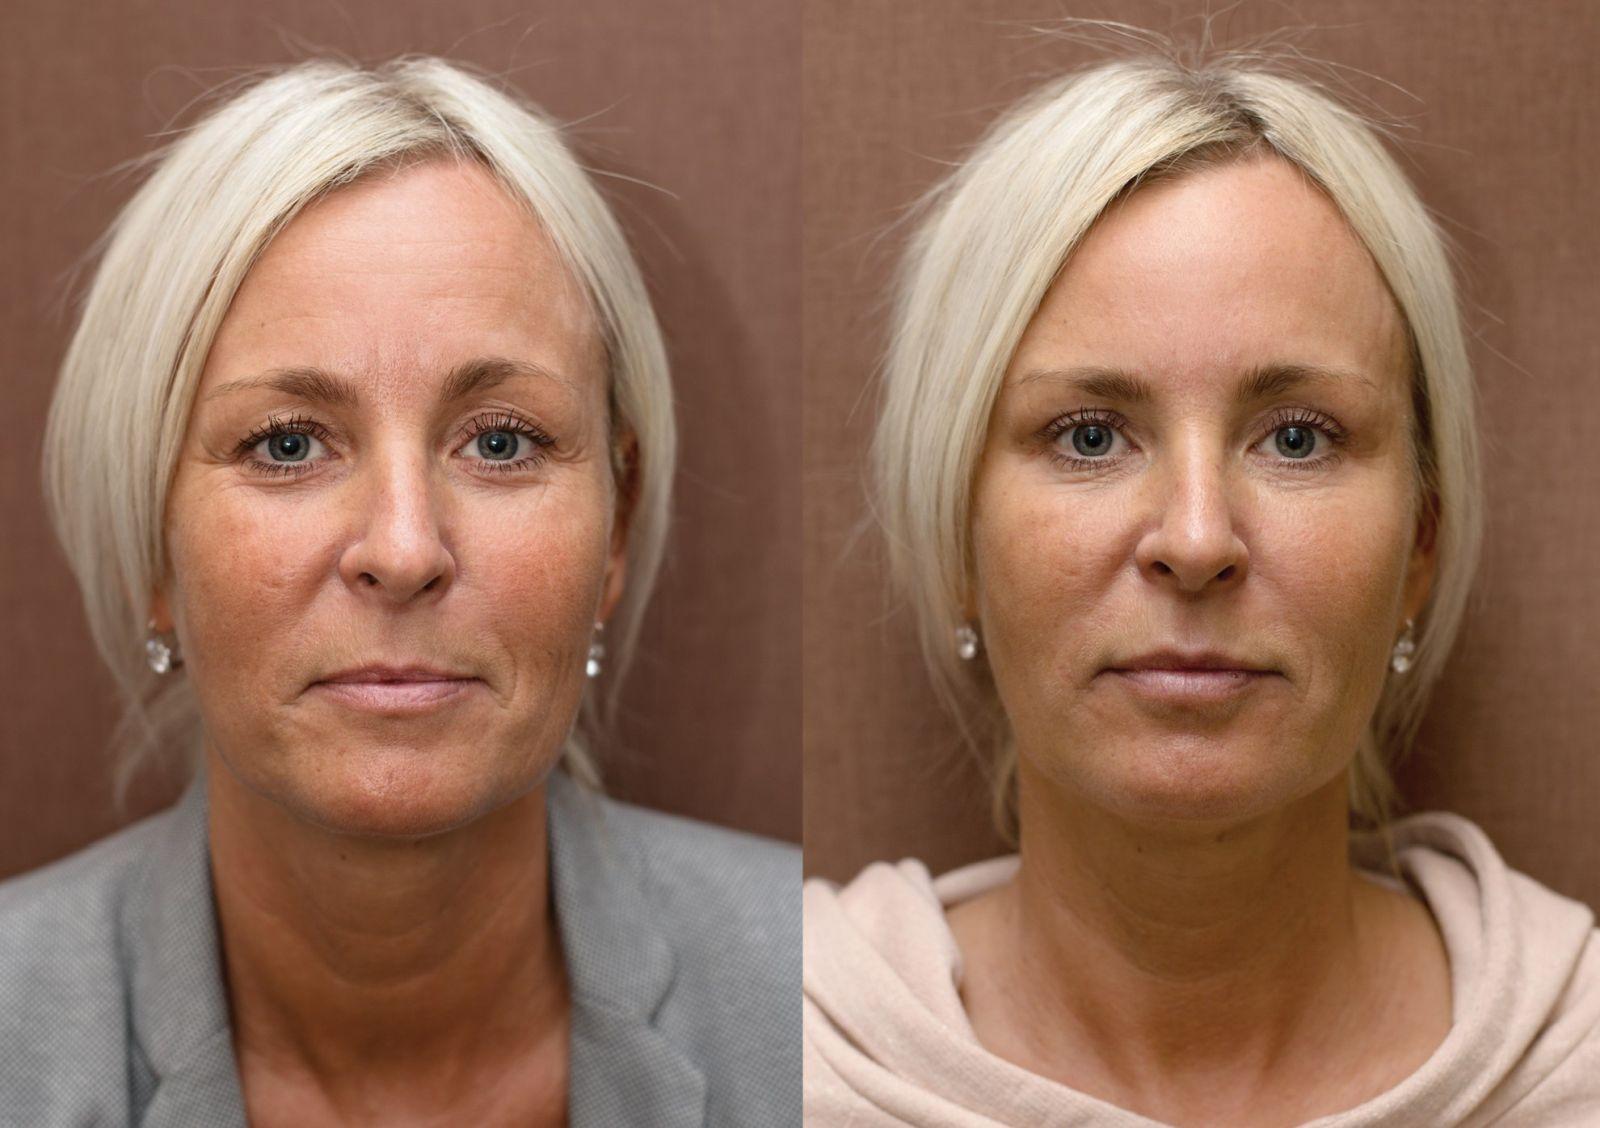 Anti-aging proměny: Injekční výplně, operace víček, plasmaterapie